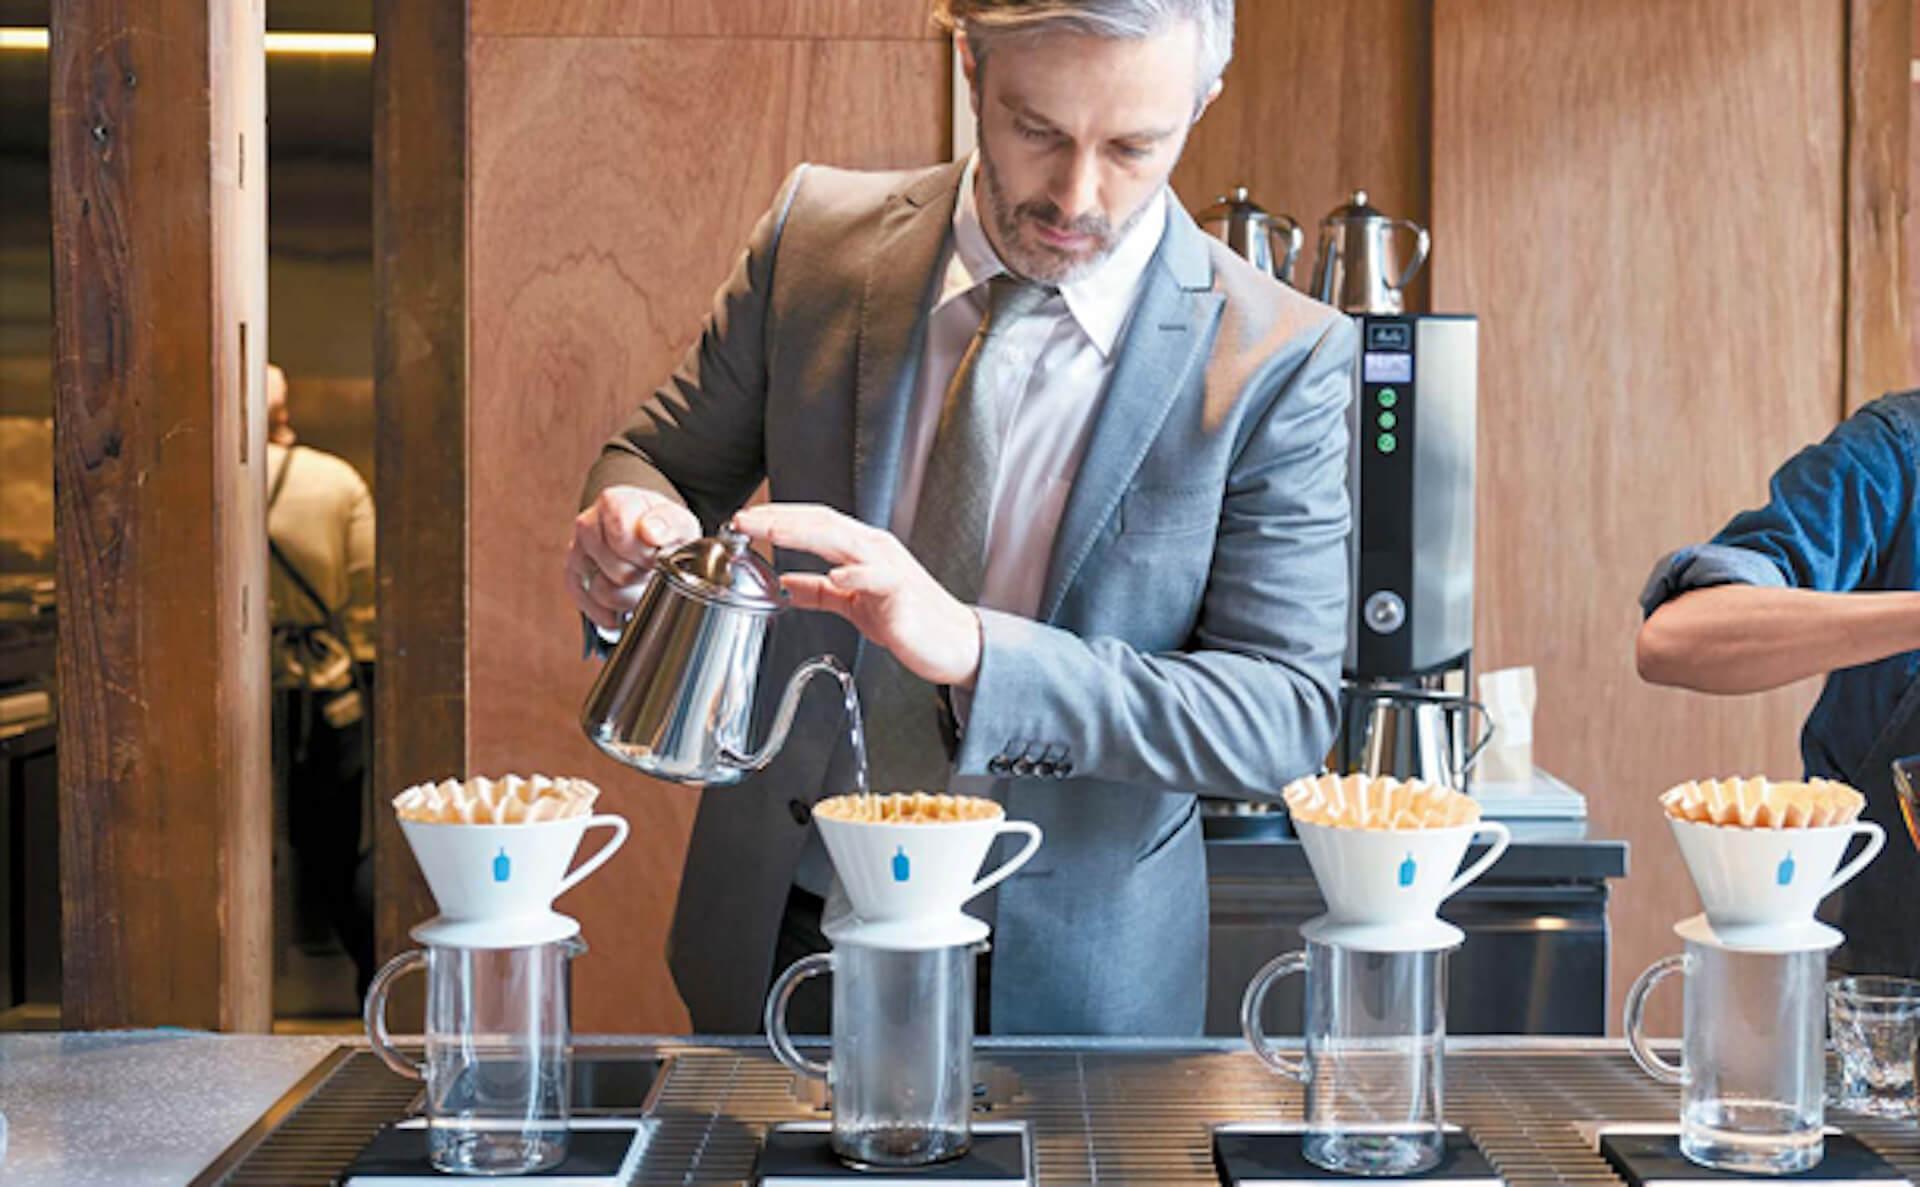 ブルーボトルコーヒー清澄白河フラッグシップカフェがオープン 初日には、世界バリスタチャンピオンのマイケル・フィリップスがドリンク提供 sub4